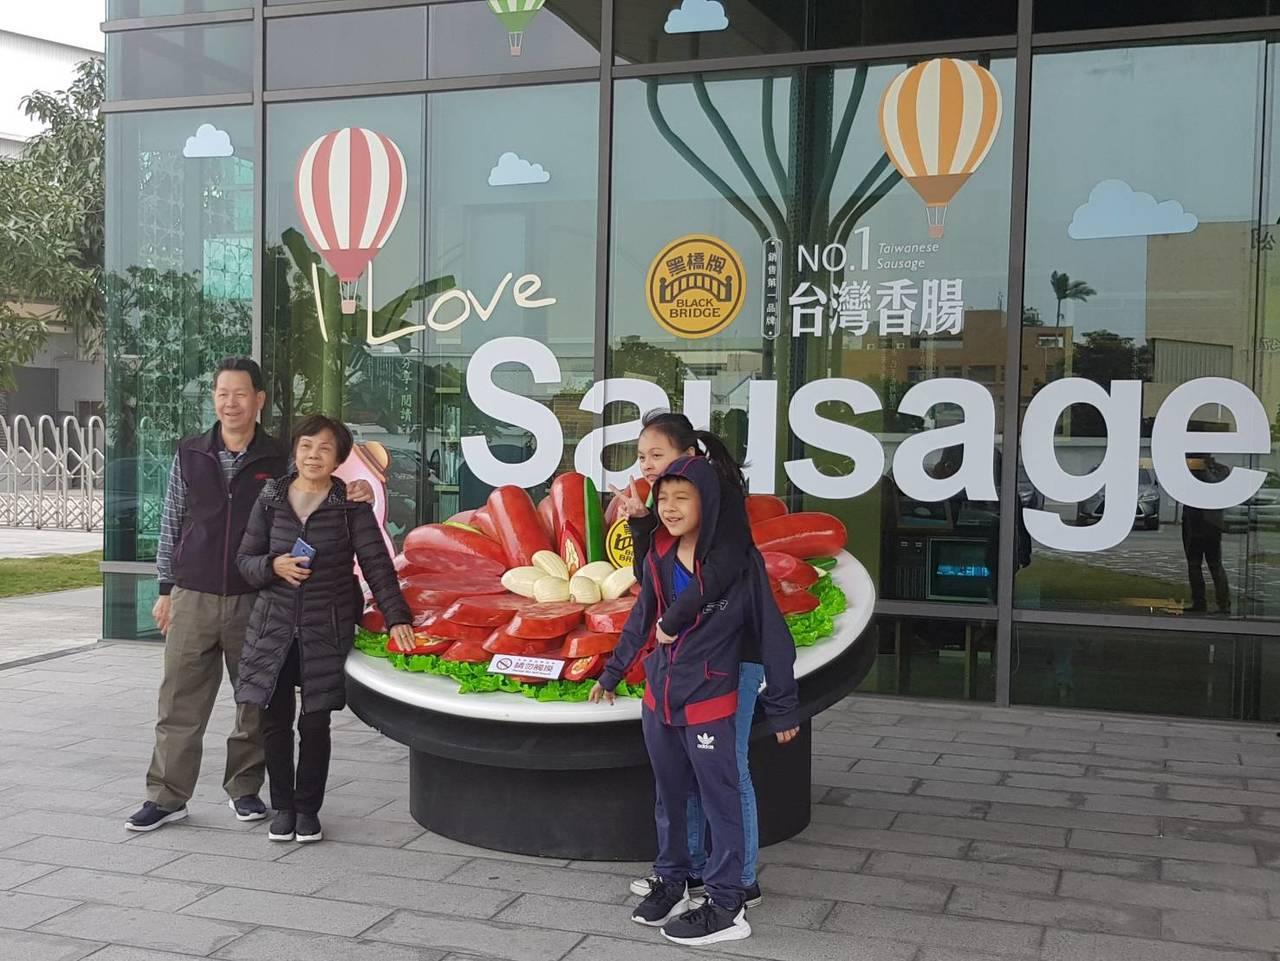 春節期間,黑橋牌香腸博物館展出巨型的香腸拼盤,把團圓桌上的香腸拼盤變身超大型裝置...